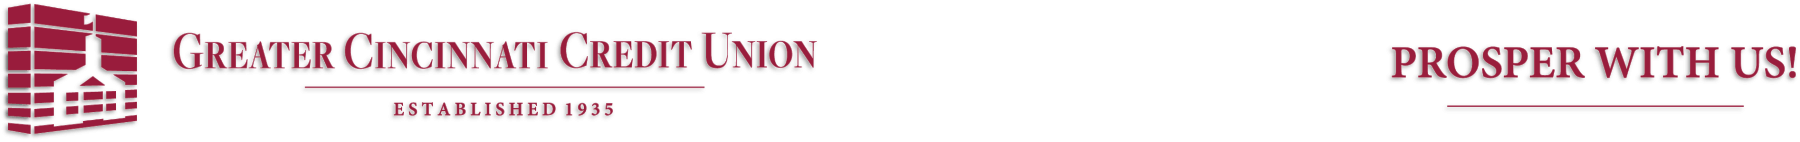 Greater Cincinnati Credit Union